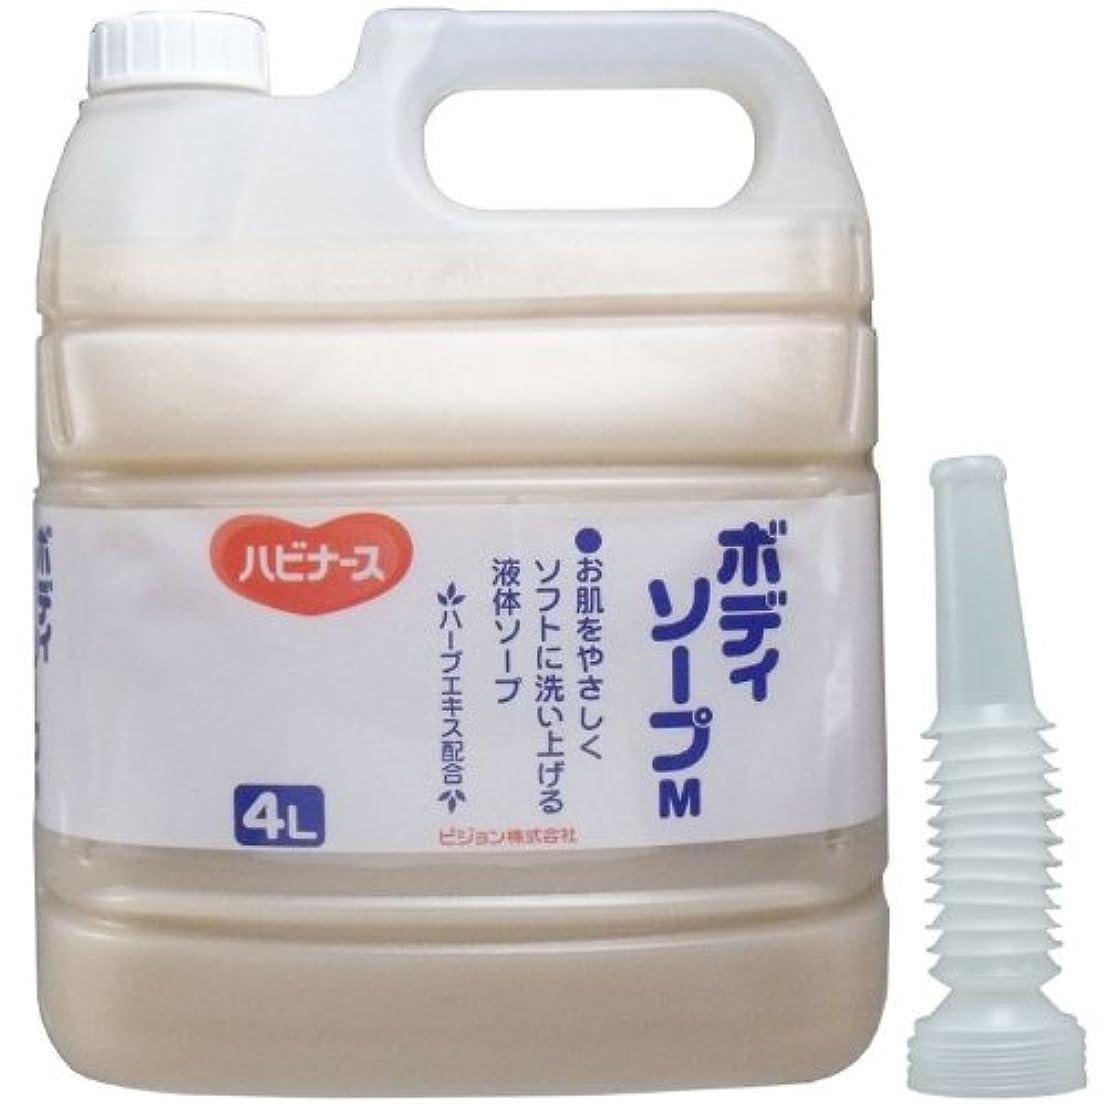 従順なボーカル貢献液体ソープ ボディソープ 風呂 石ケン お肌をやさしくソフトに洗い上げる!業務用 4L